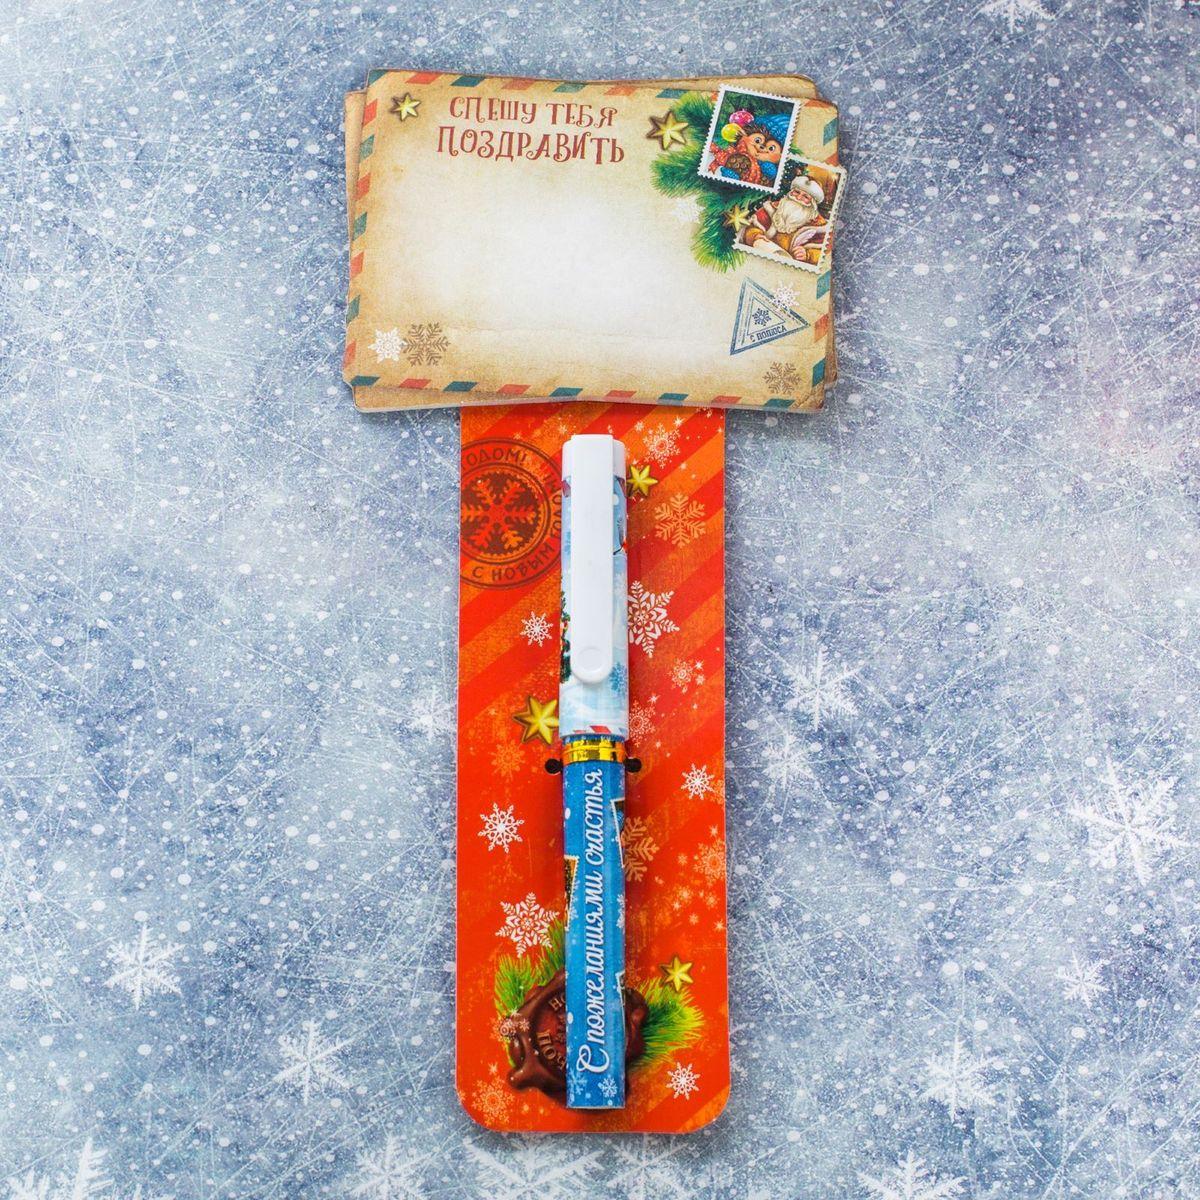 Ручка с блоком для записей придётся по душе тем, кто ценит практичные подарки. Оригинальный аксессуар с тёплыми пожеланиями и блокнотик с яркими рисунками дополнены красочной подложкой, на которой вы можете оставить добрые слова для получателя.